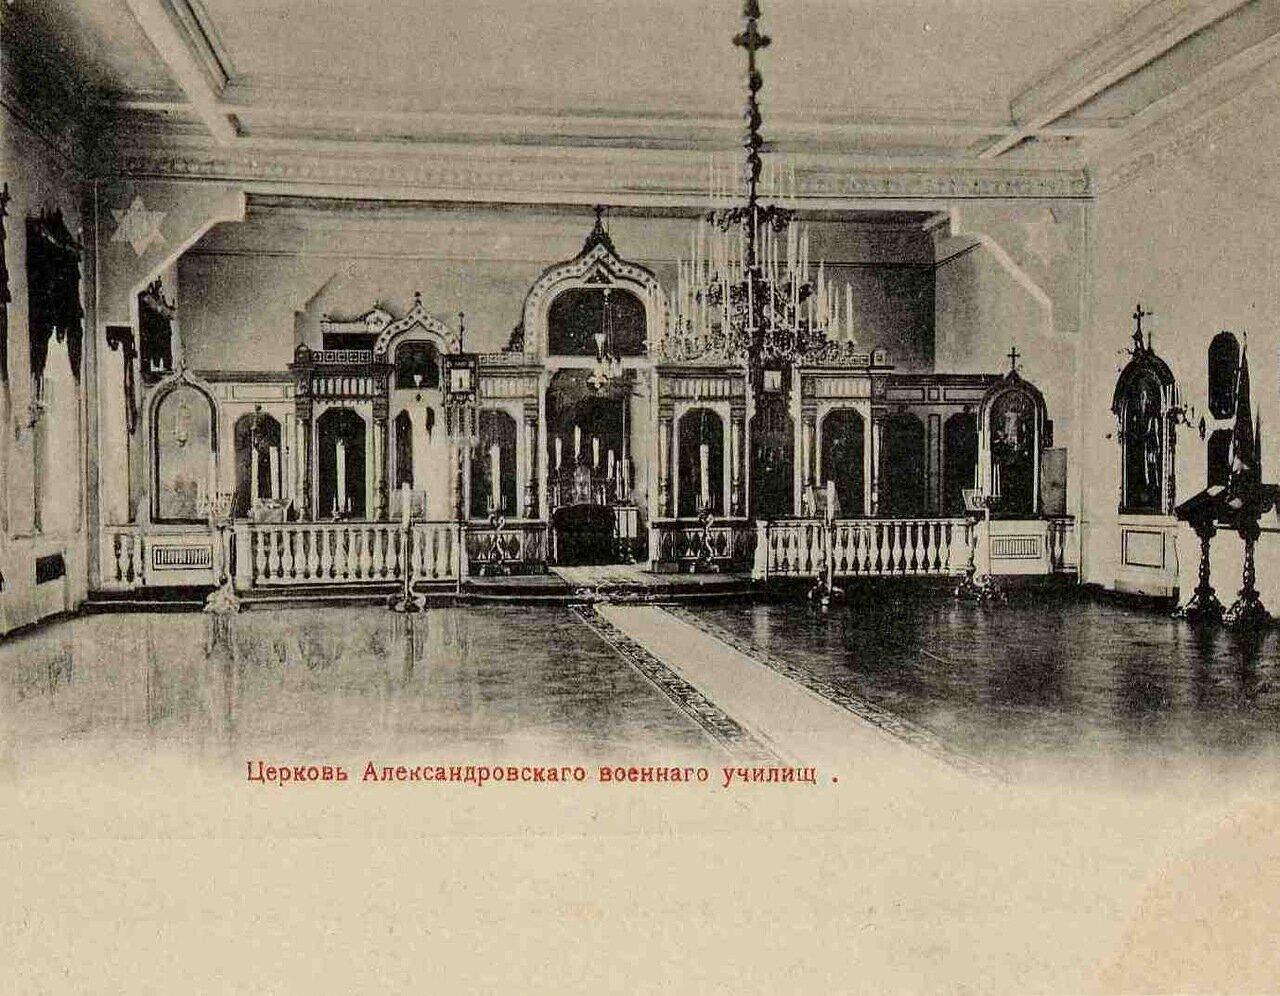 Александровское военное училище. Церковь